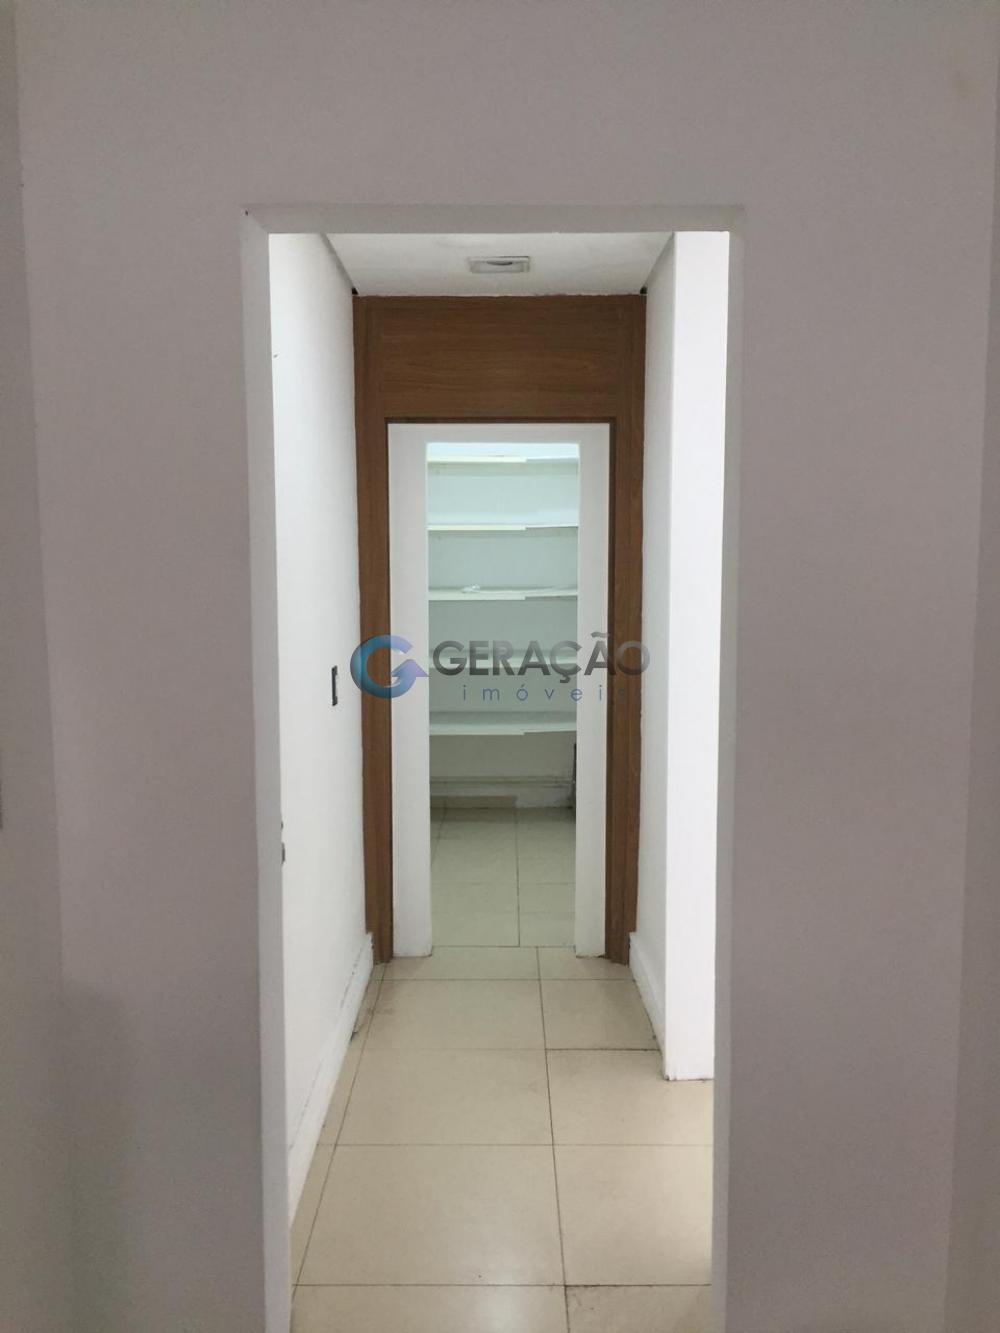 Alugar Comercial / Ponto Comercial em São José dos Campos apenas R$ 2.300,00 - Foto 7